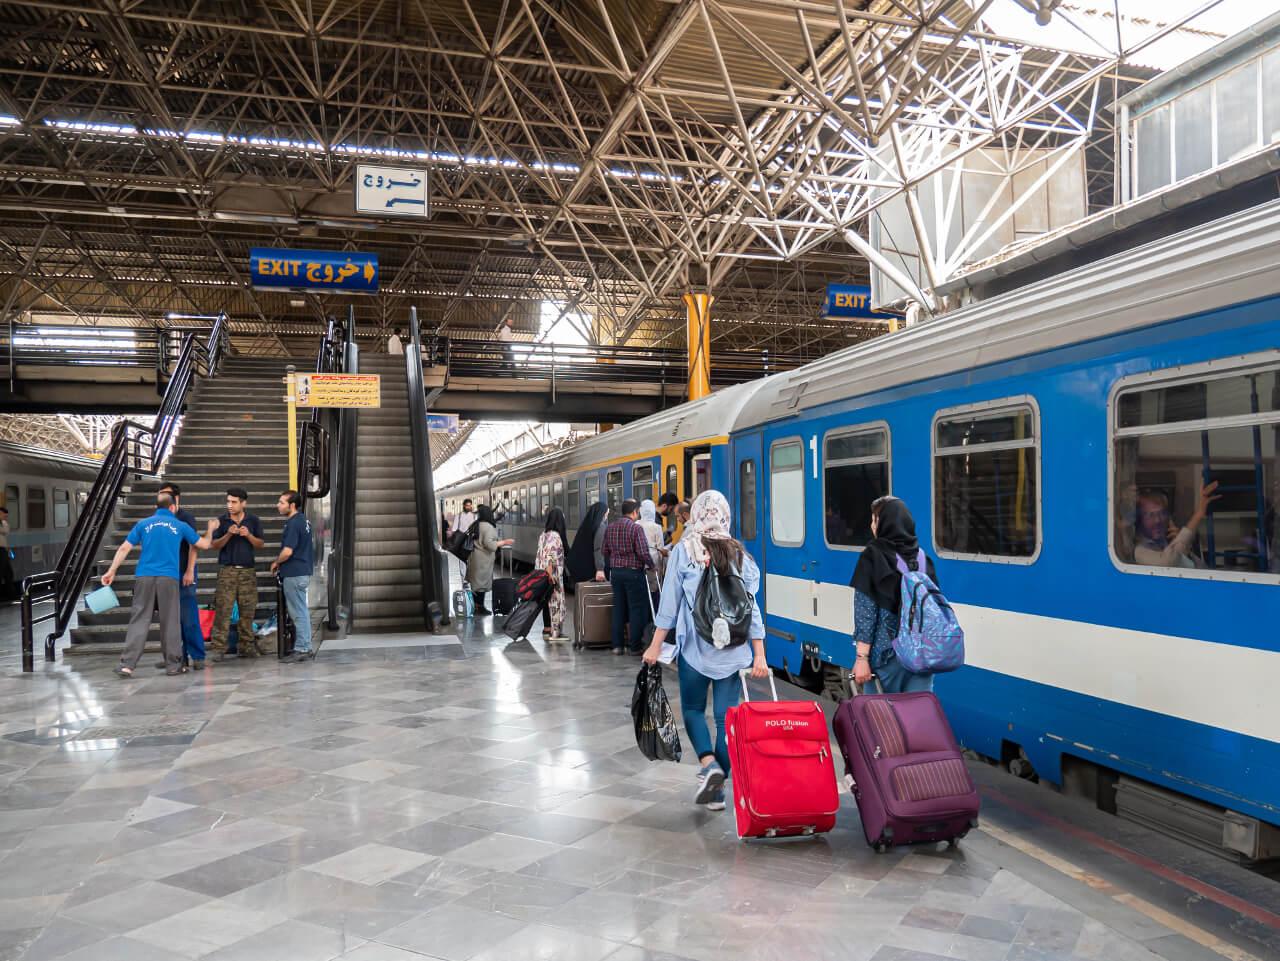 Tanie podróżowanie transport publiczny blog podróżniczy